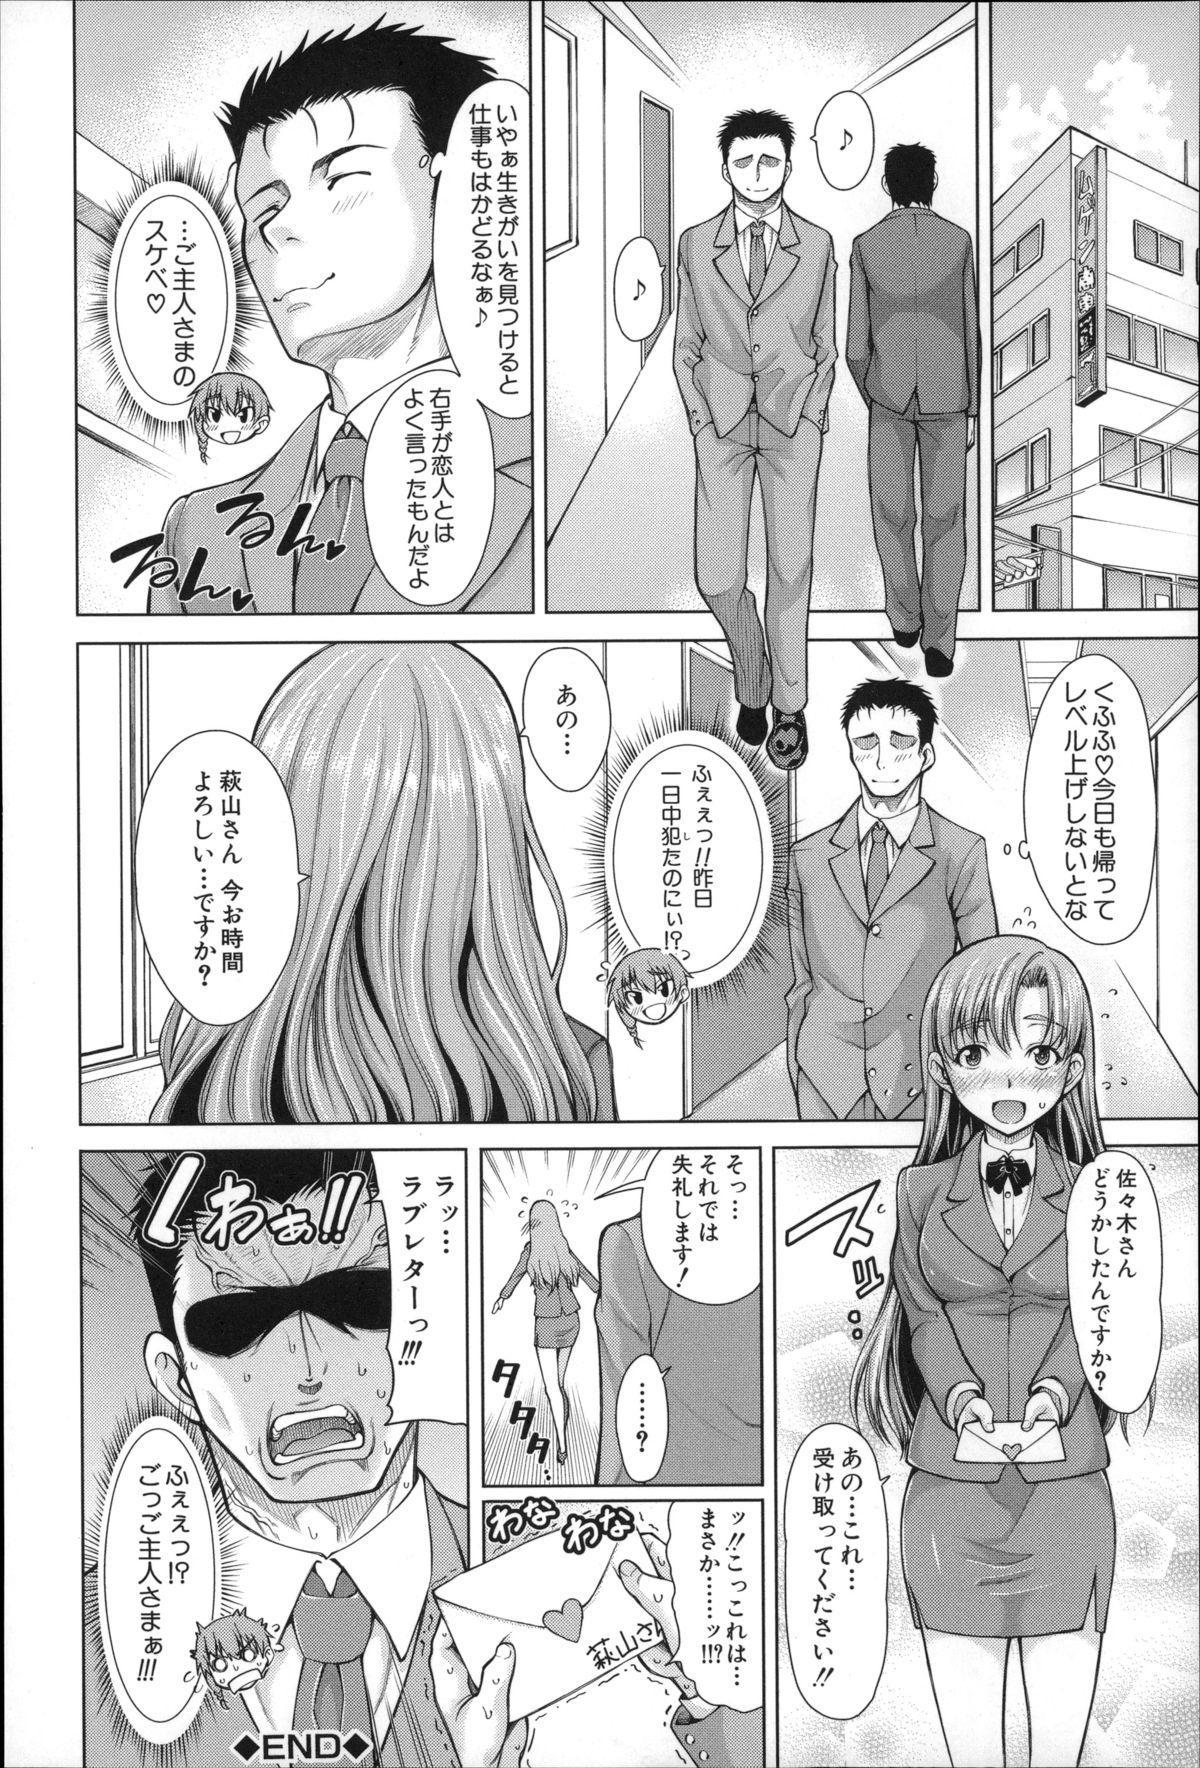 Migite ga Bishoujo ni Natta kara Sex Shita kedo Doutei dayone!! 38